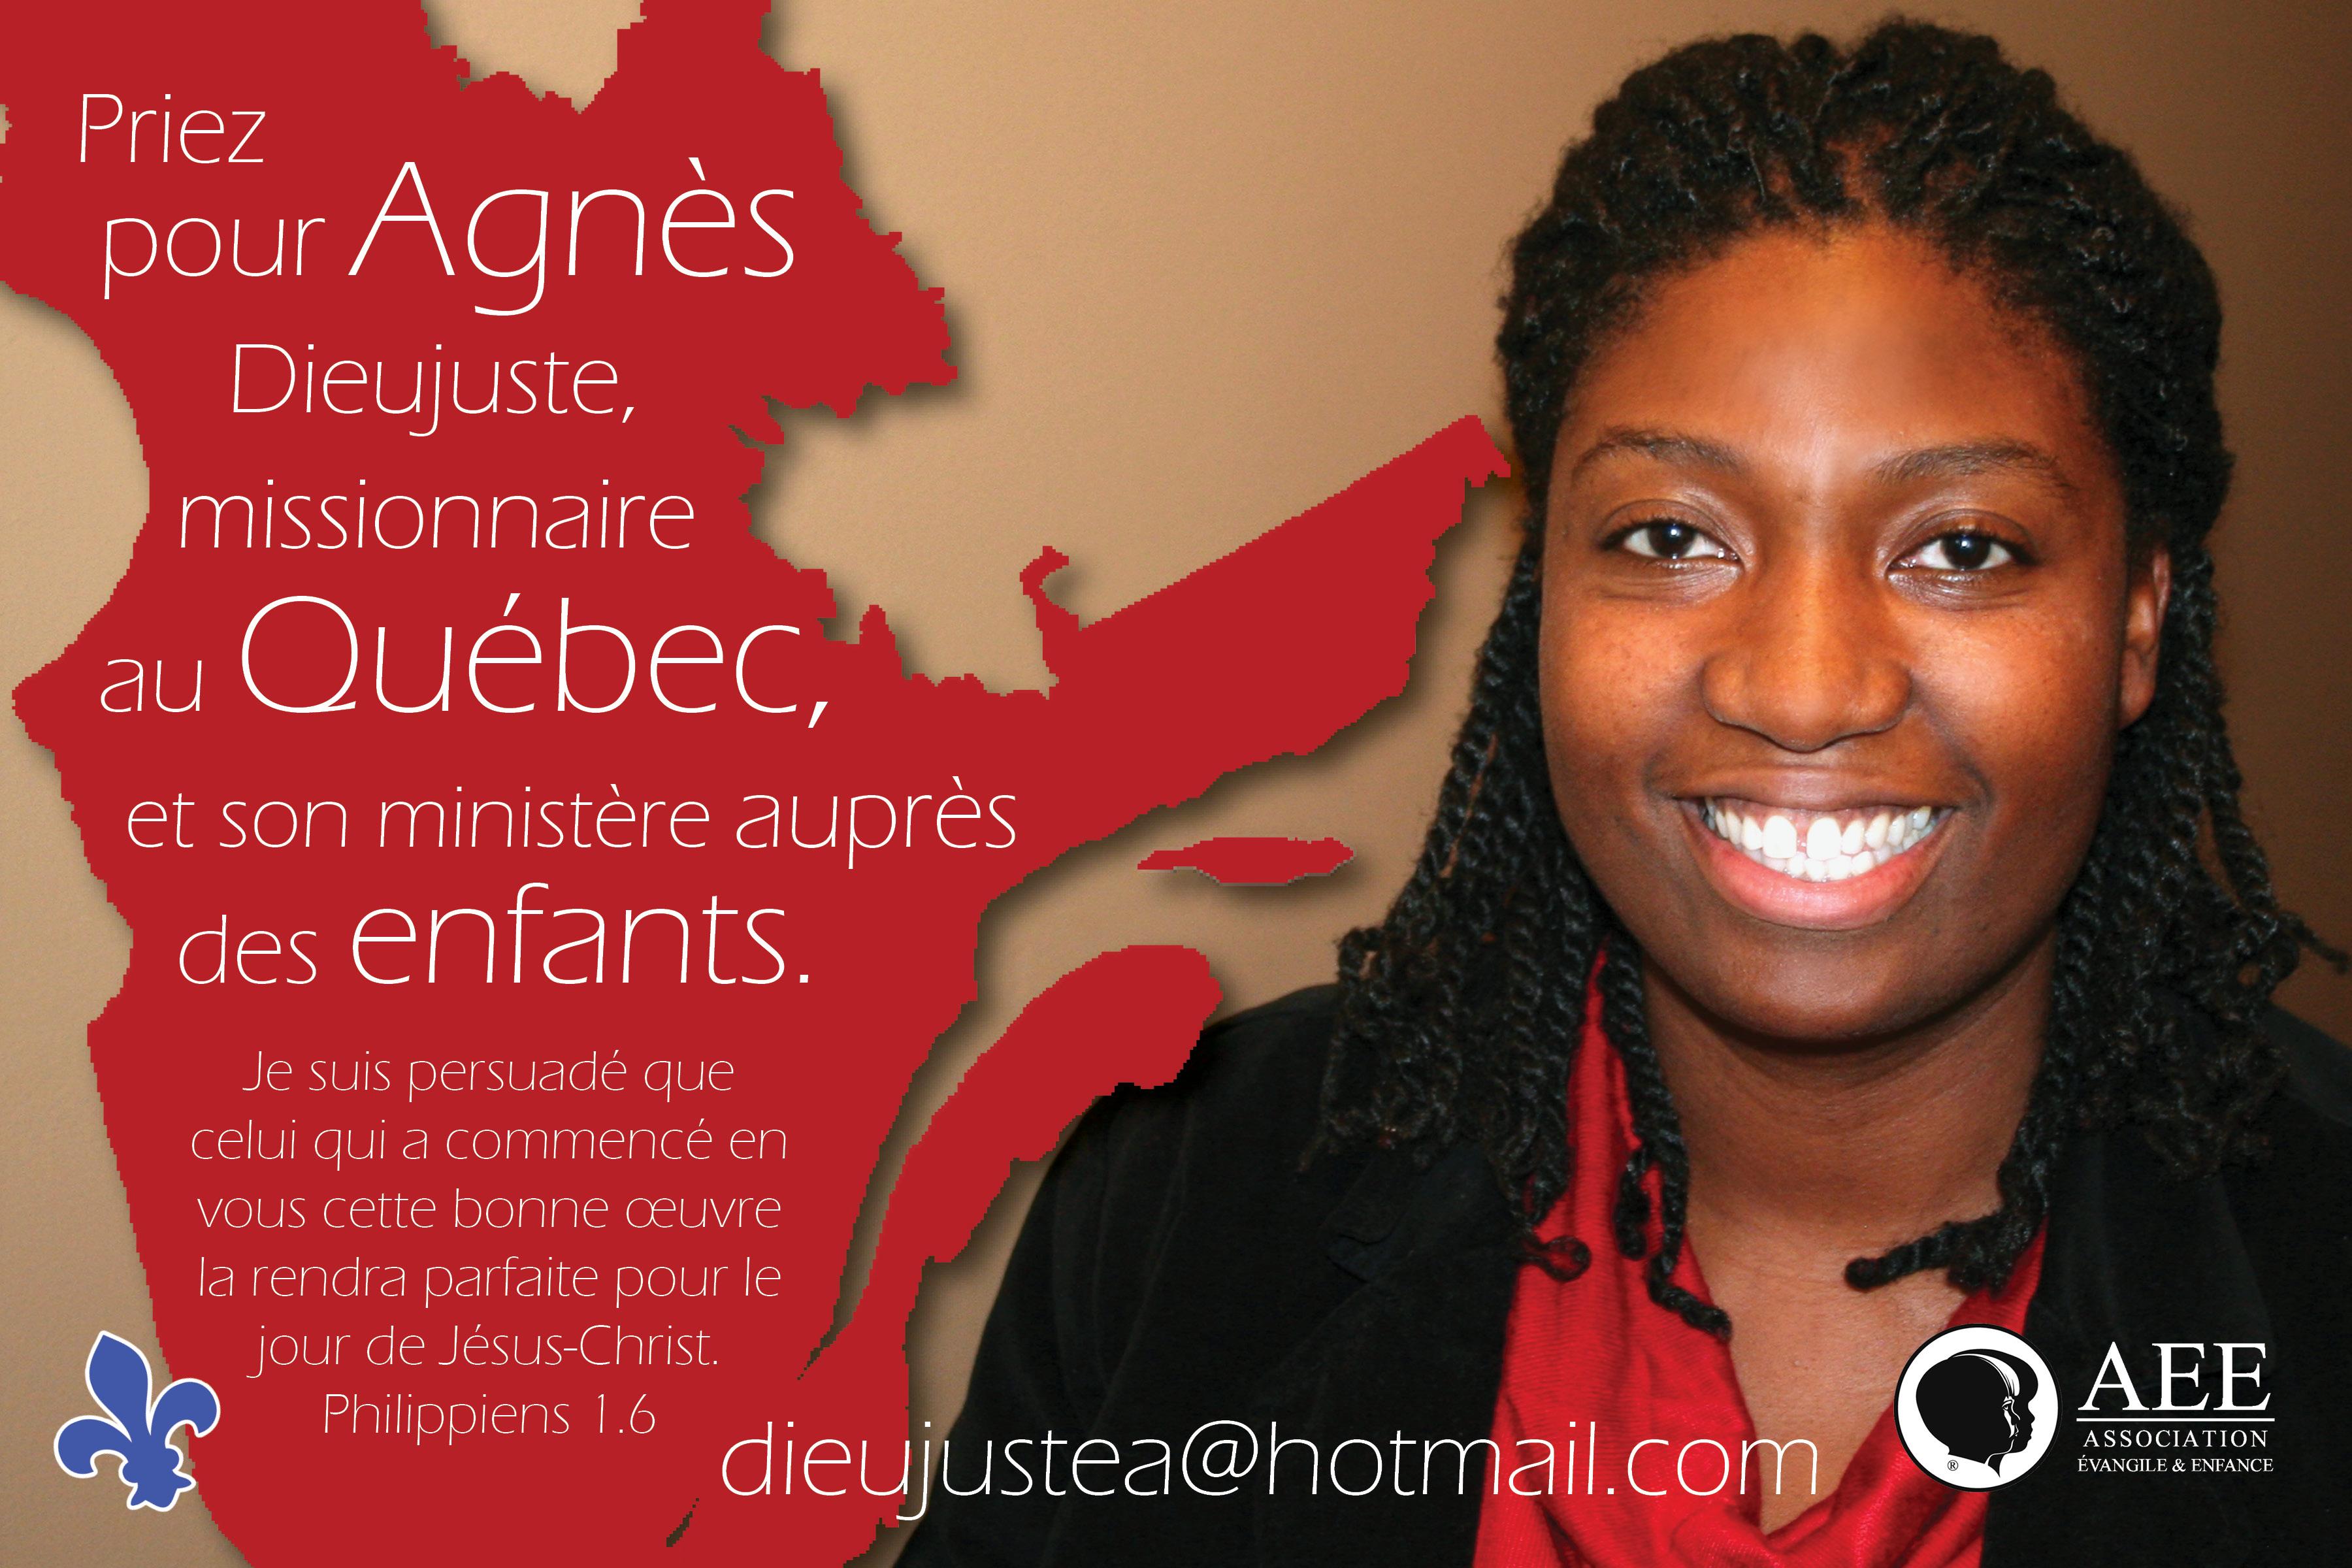 Agnès Dieujuste